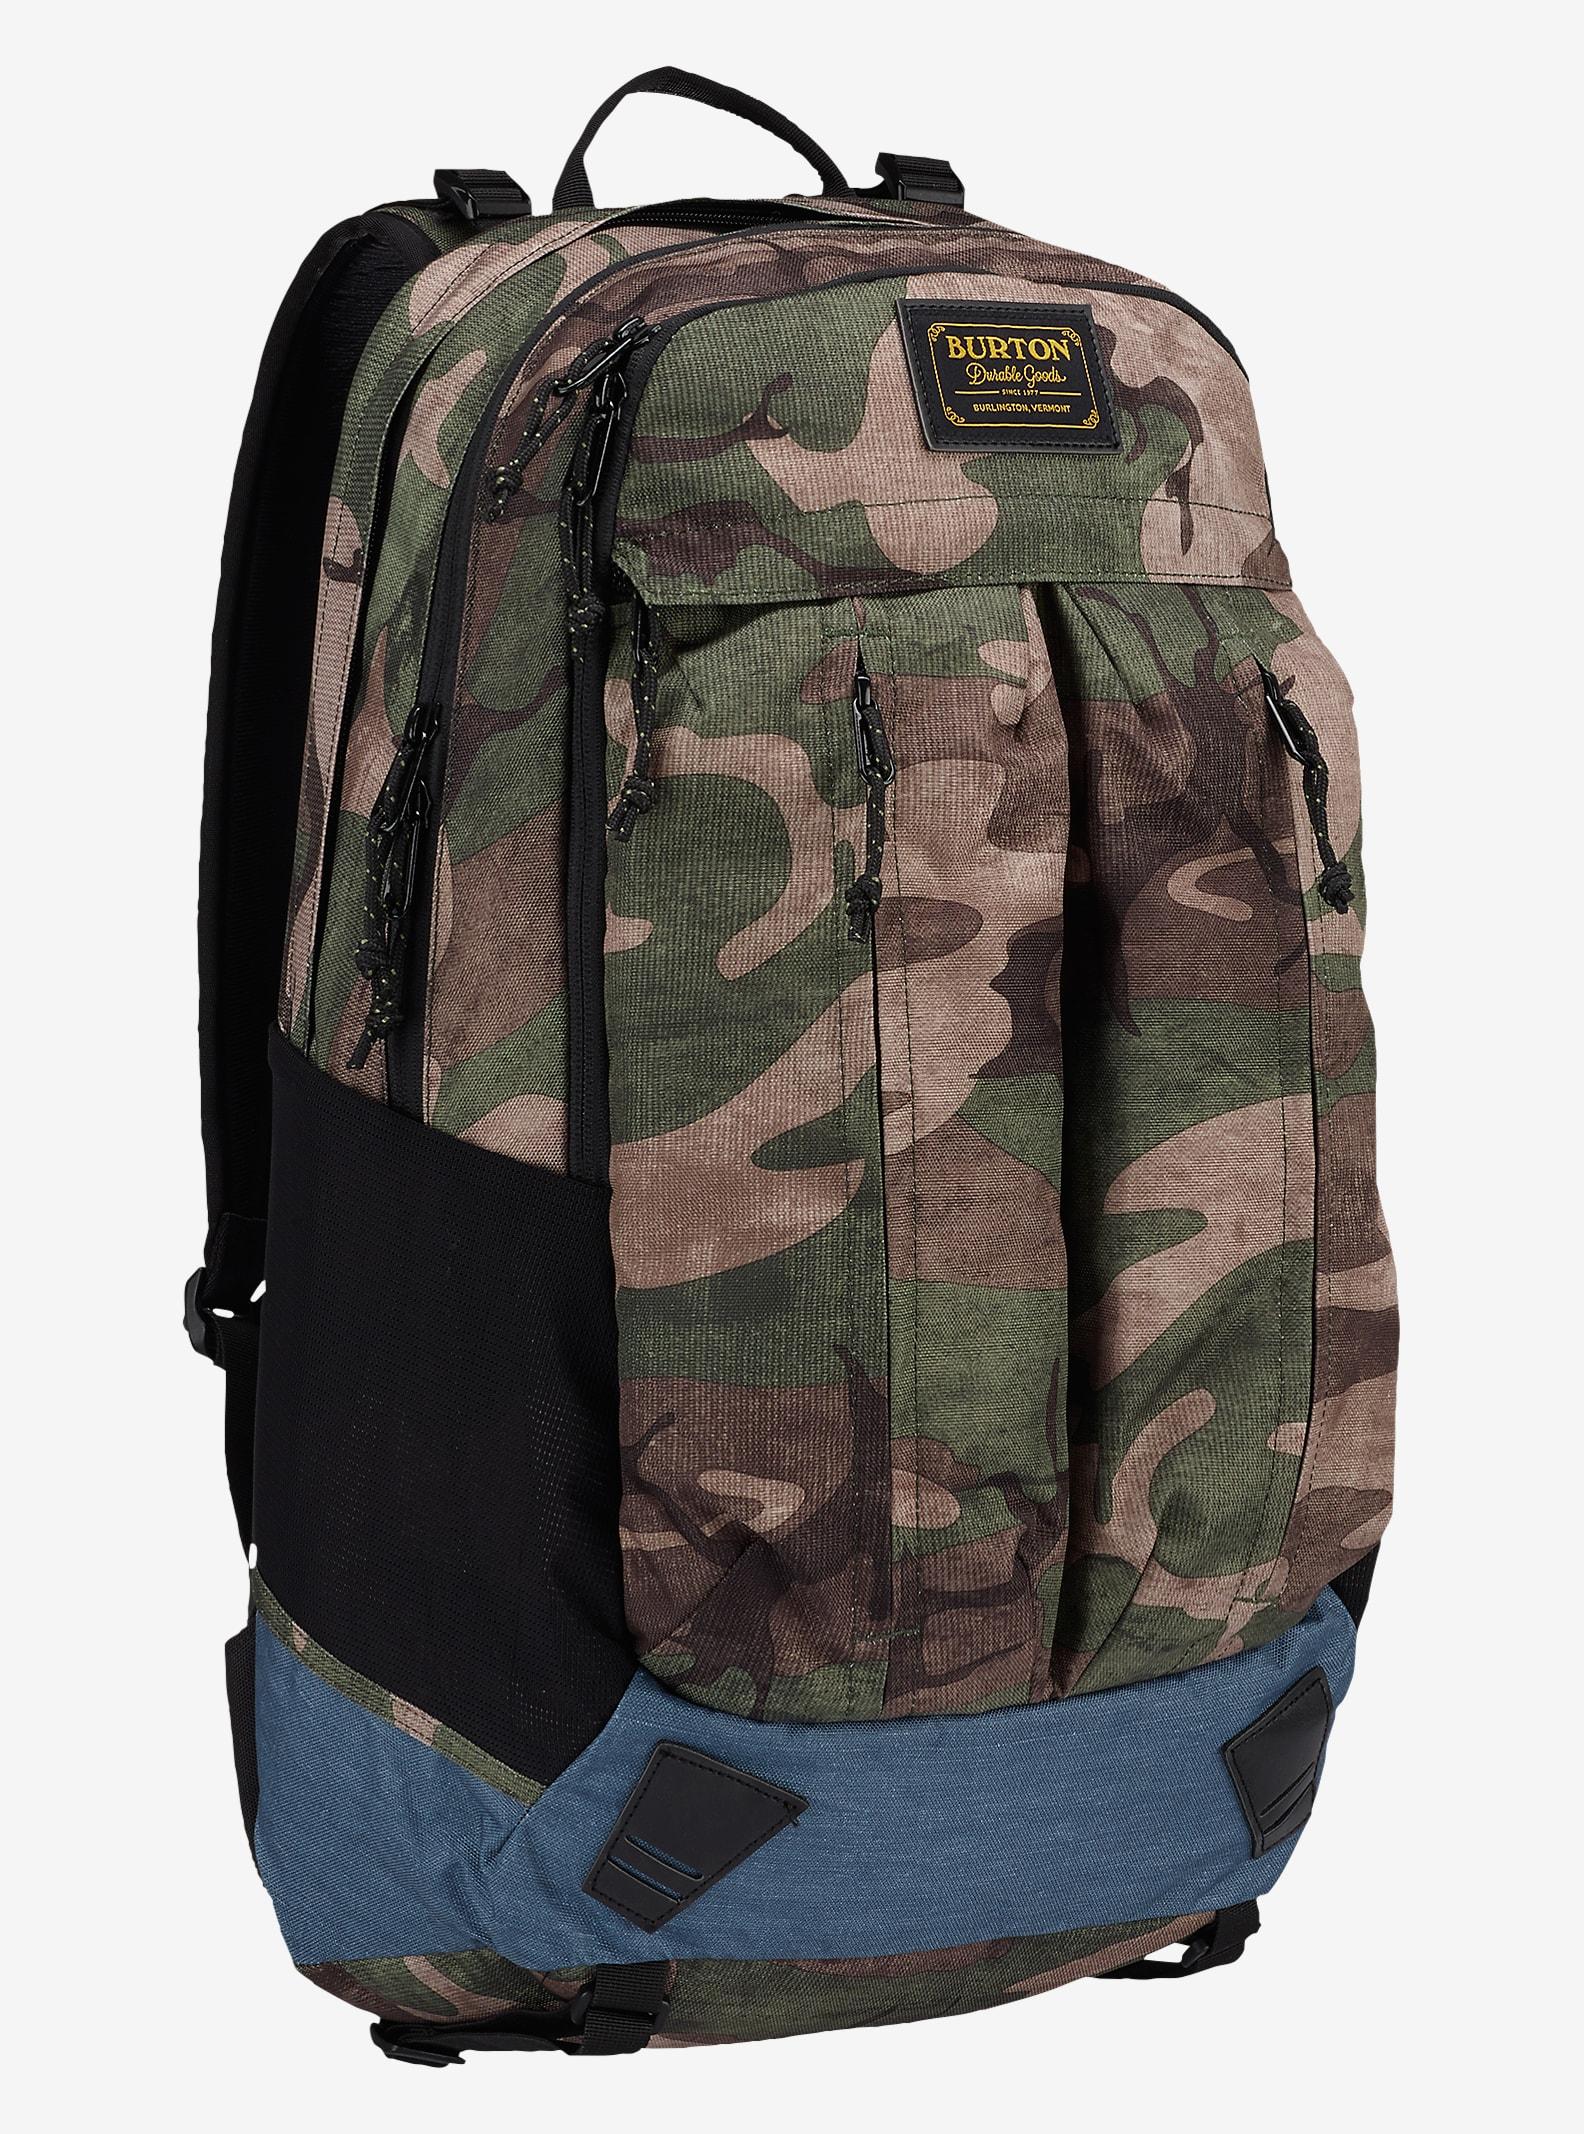 Burton Bravo Backpack shown in Bkamo Print